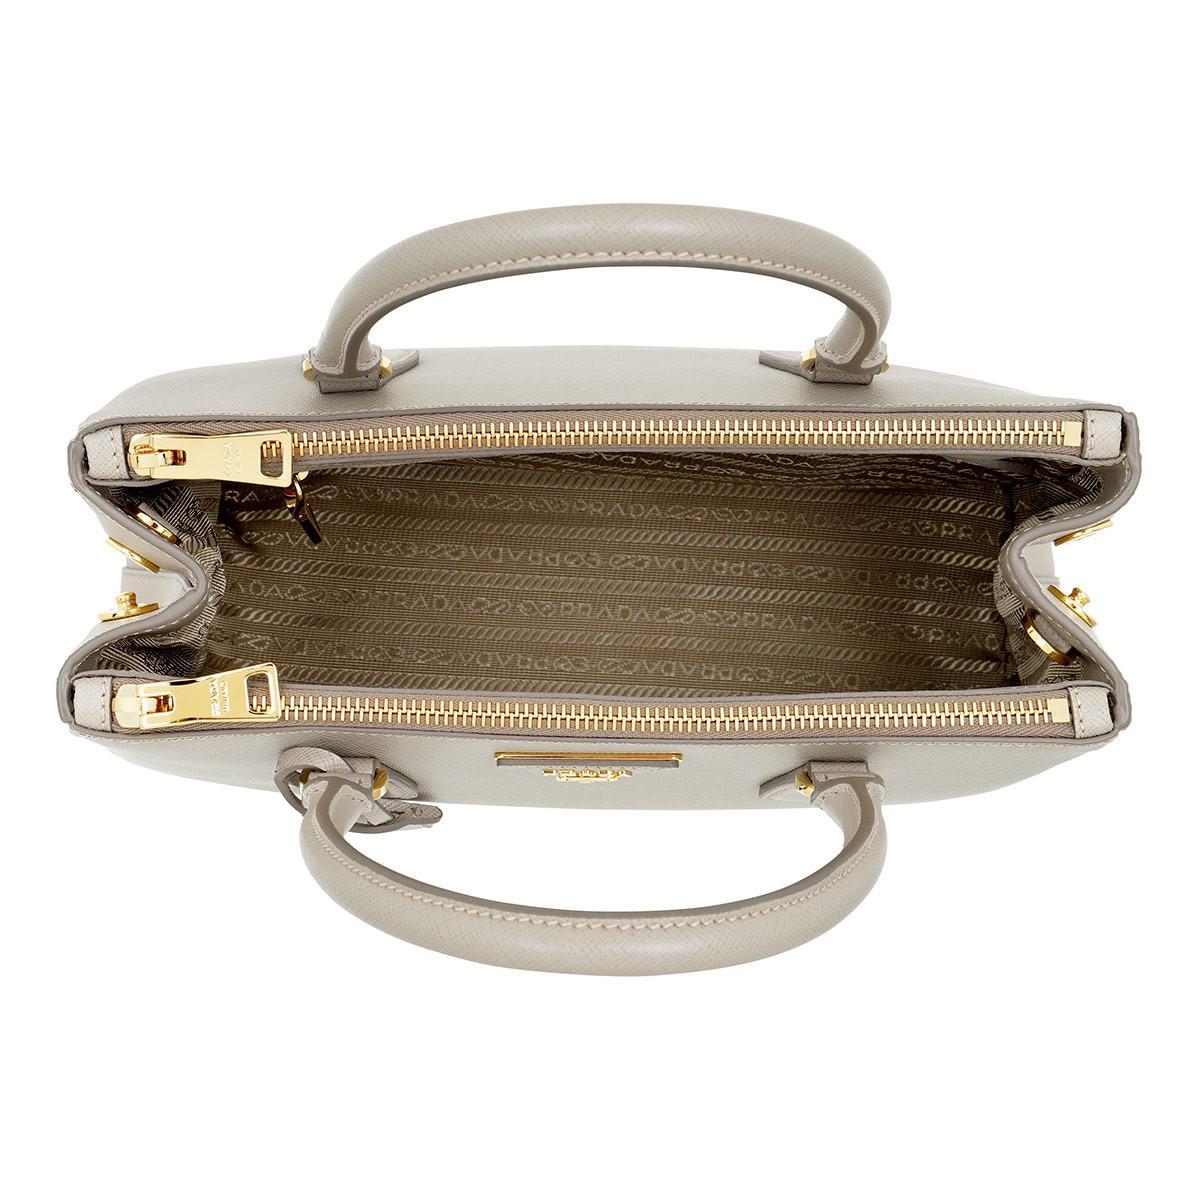 Prada Leather Galleria Tote Bag Pomice